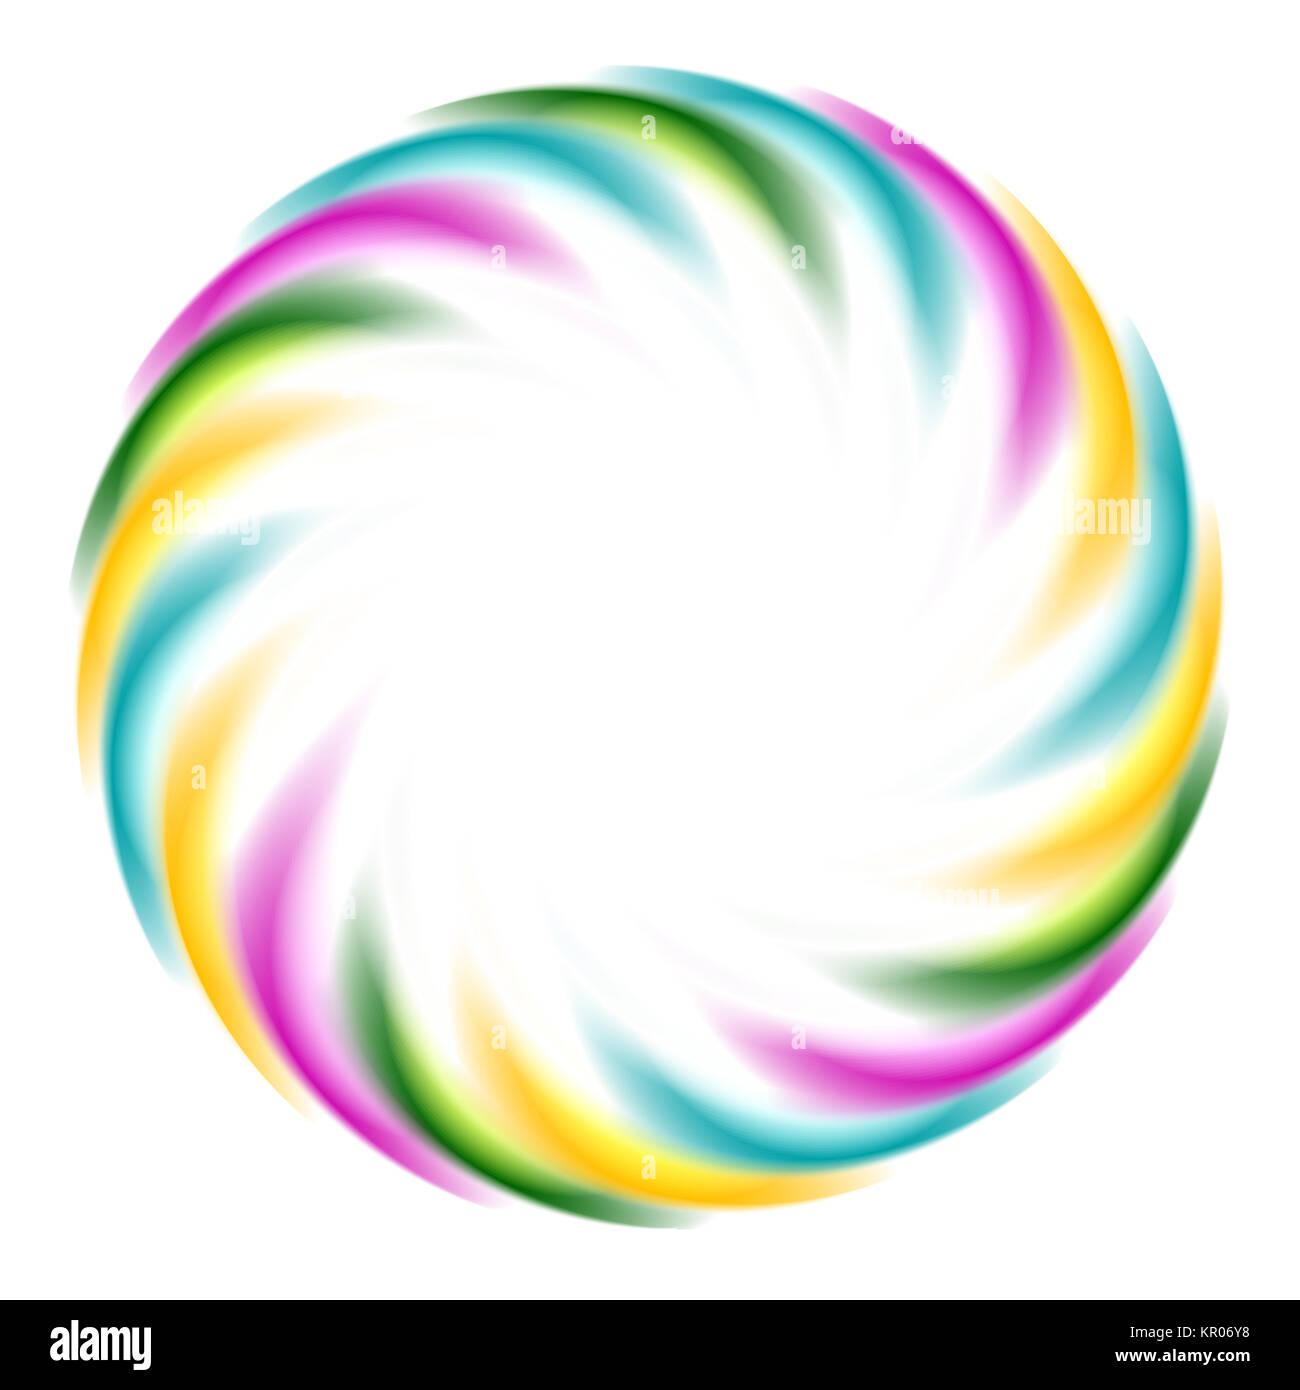 Colorful iridescent round logo on white background - Stock Image